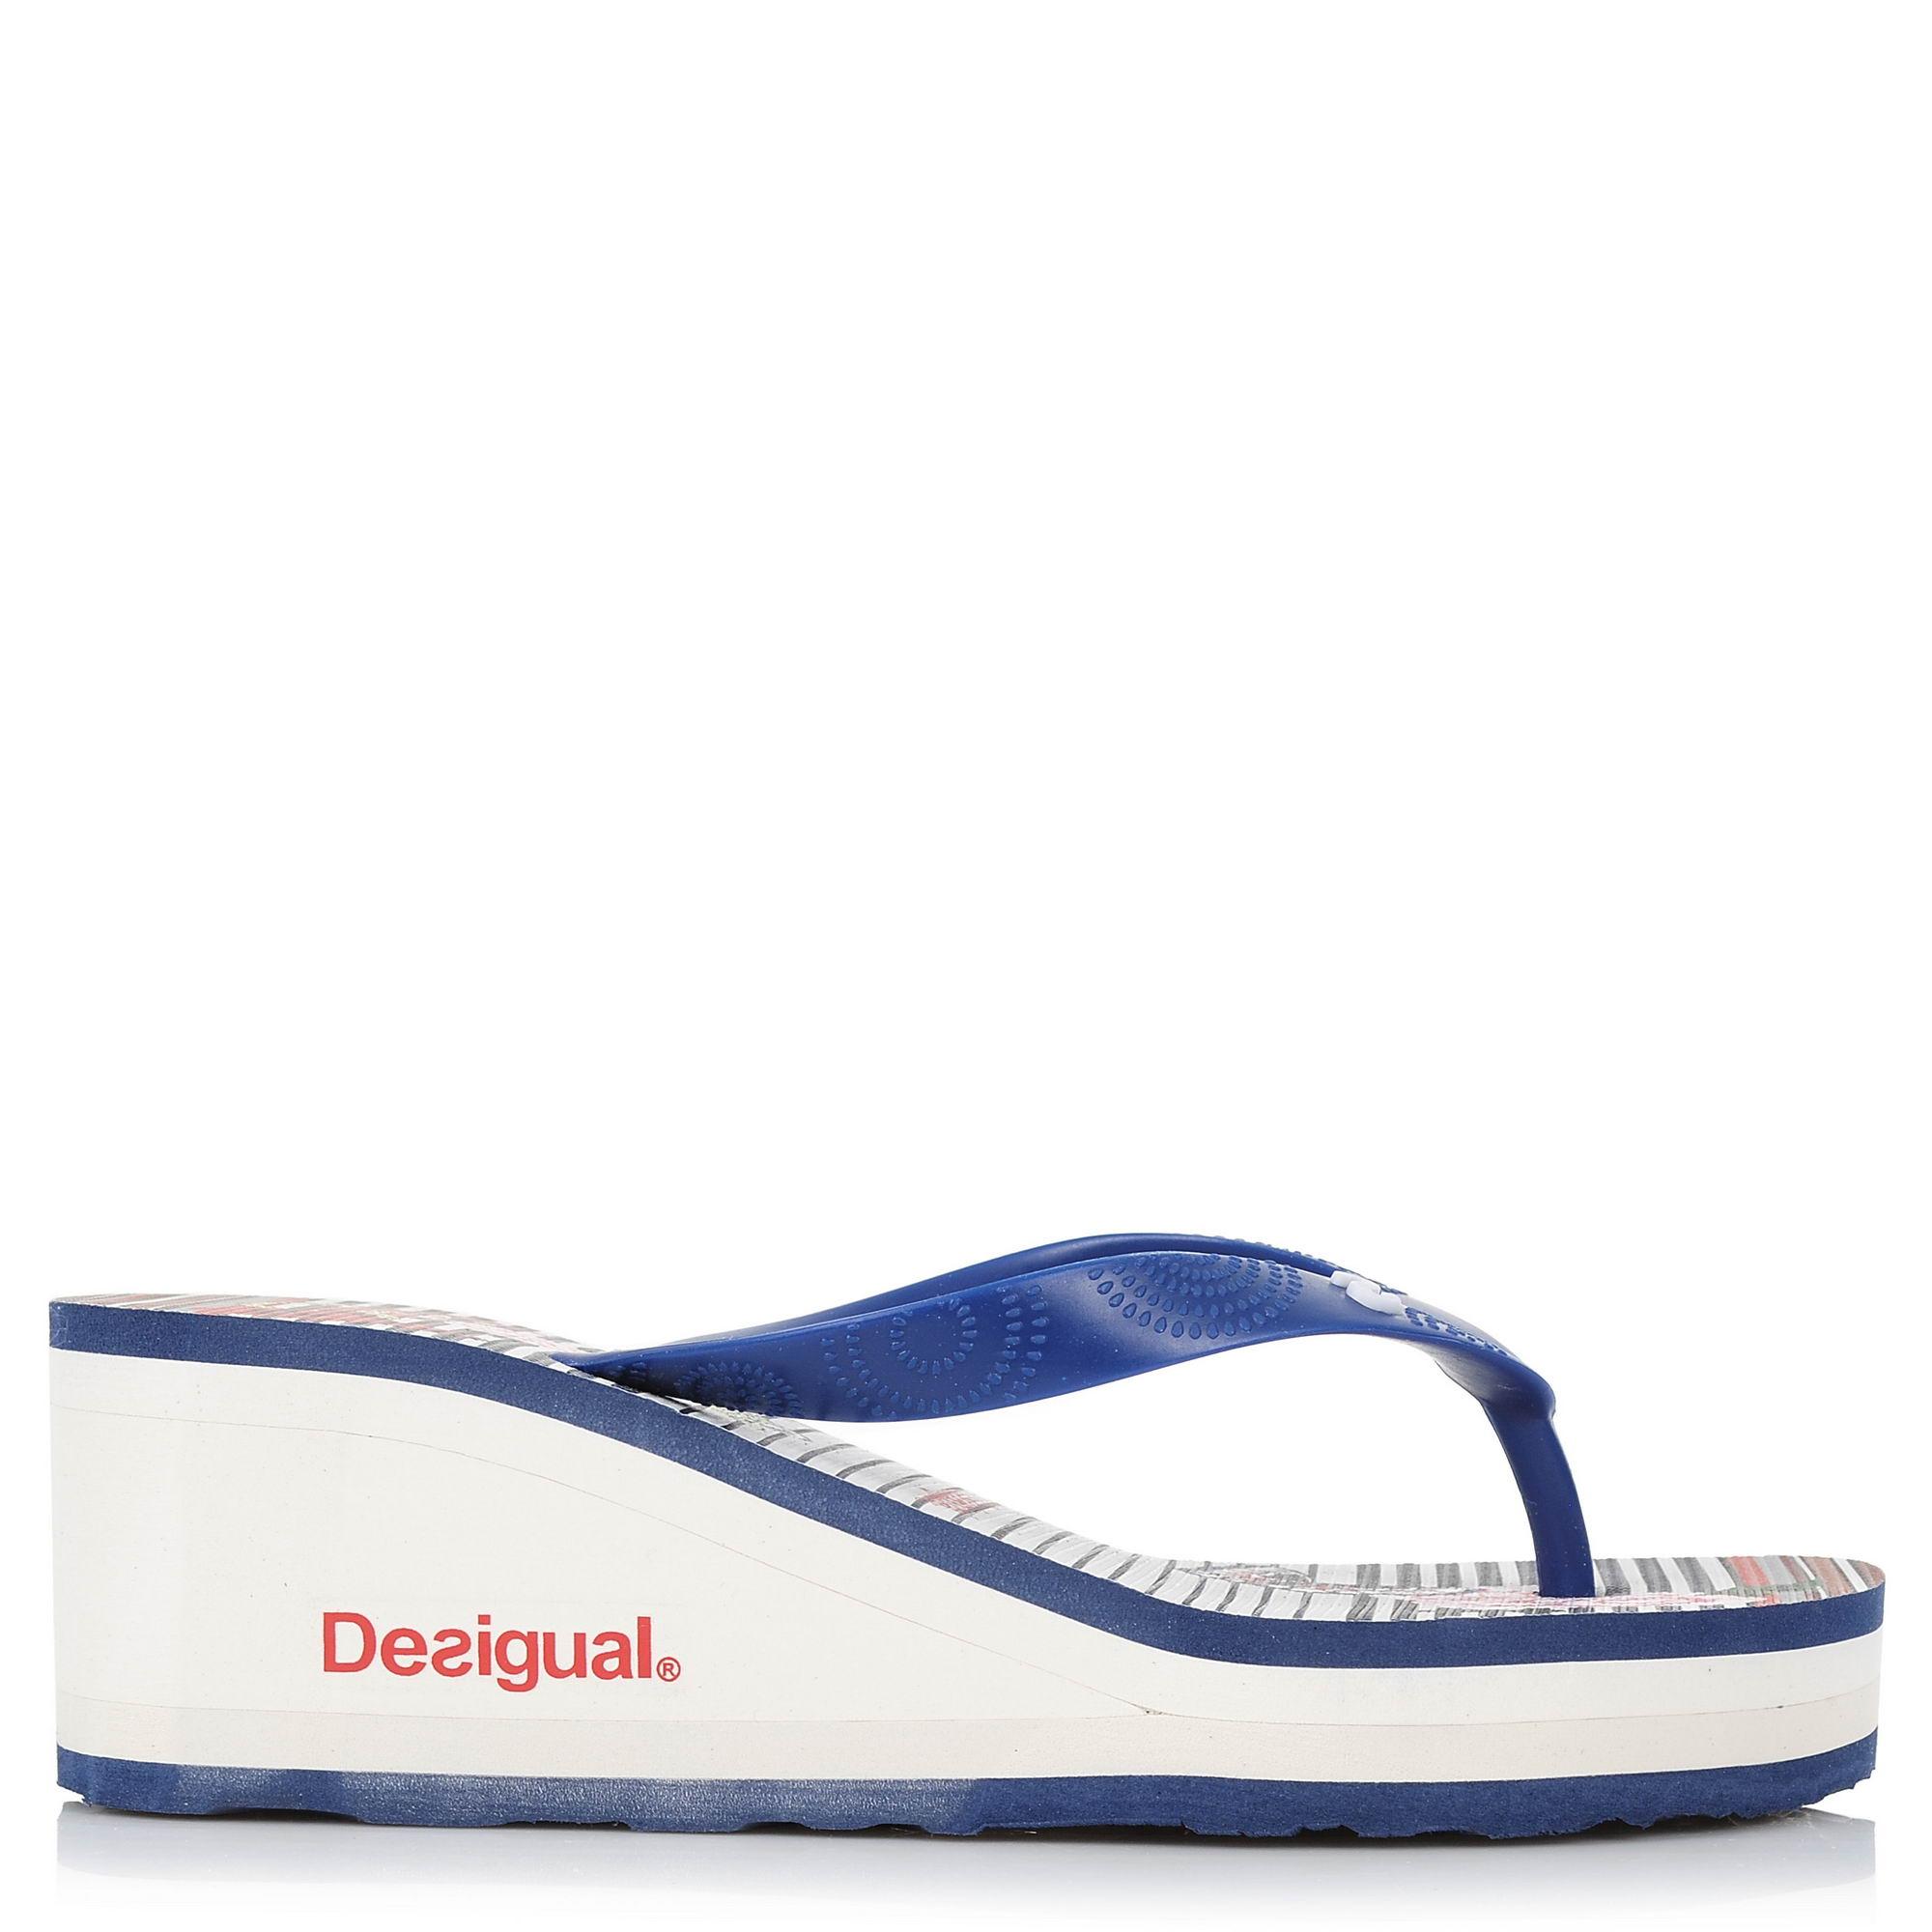 Σαγιονάρες Desigual Shoes Lola Sailor 18SSHF20 γυναικα   γυναικείο παπούτσι